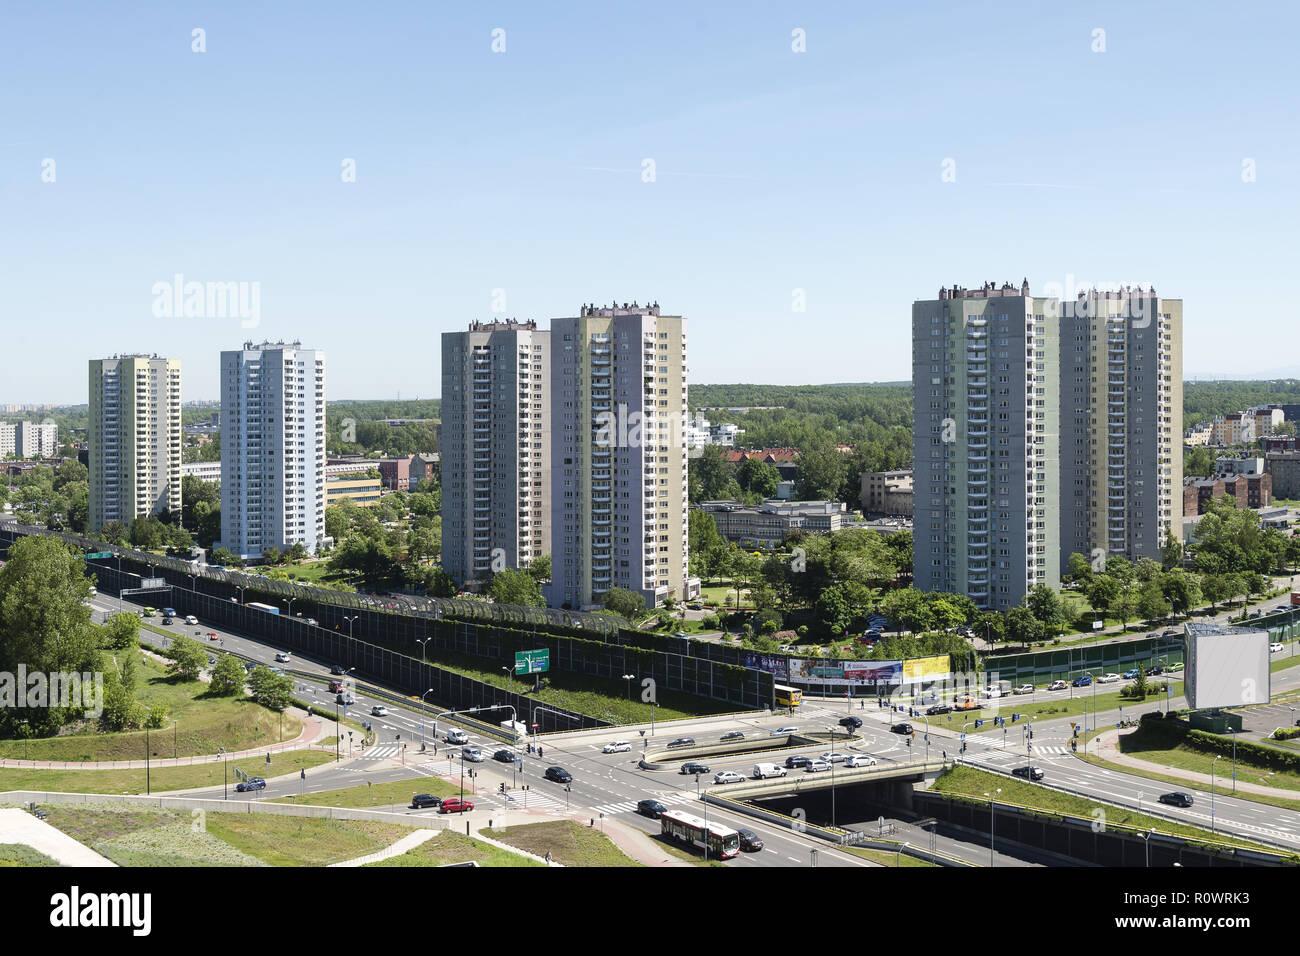 Hochaeuser, Strassenverkehr, Kattowitz, Polen - Stock Image